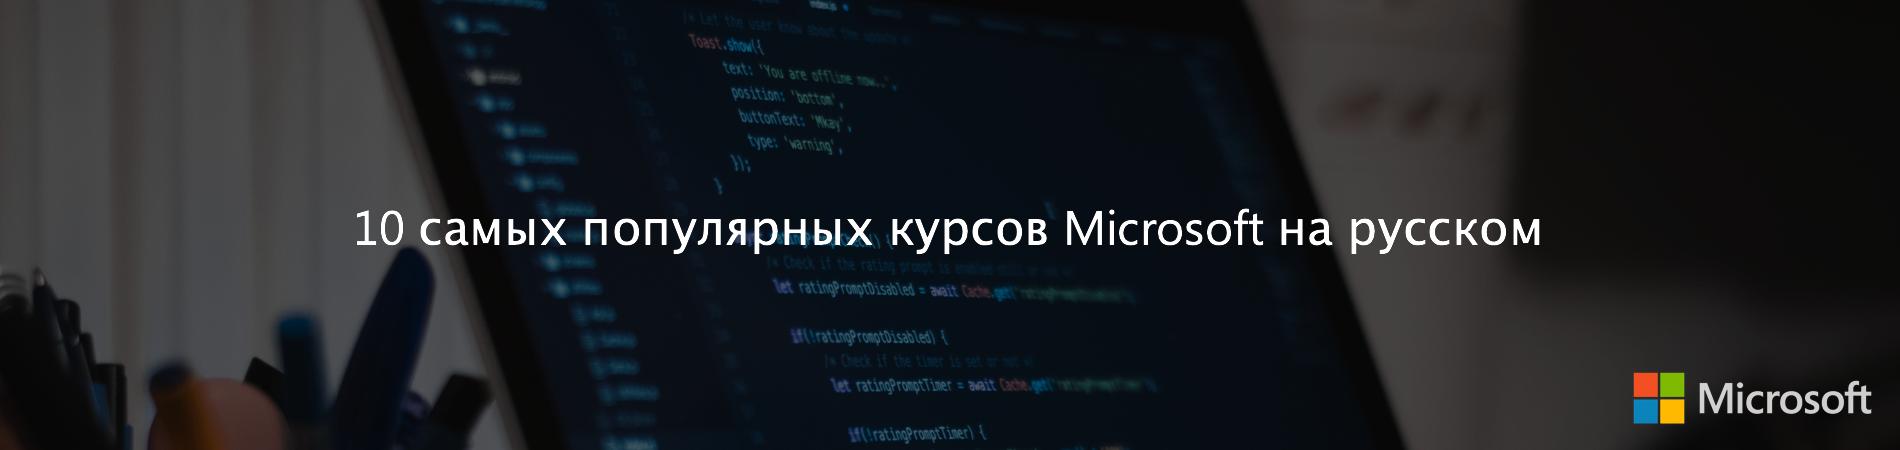 10 самых популярных курсов Microsoft на русском